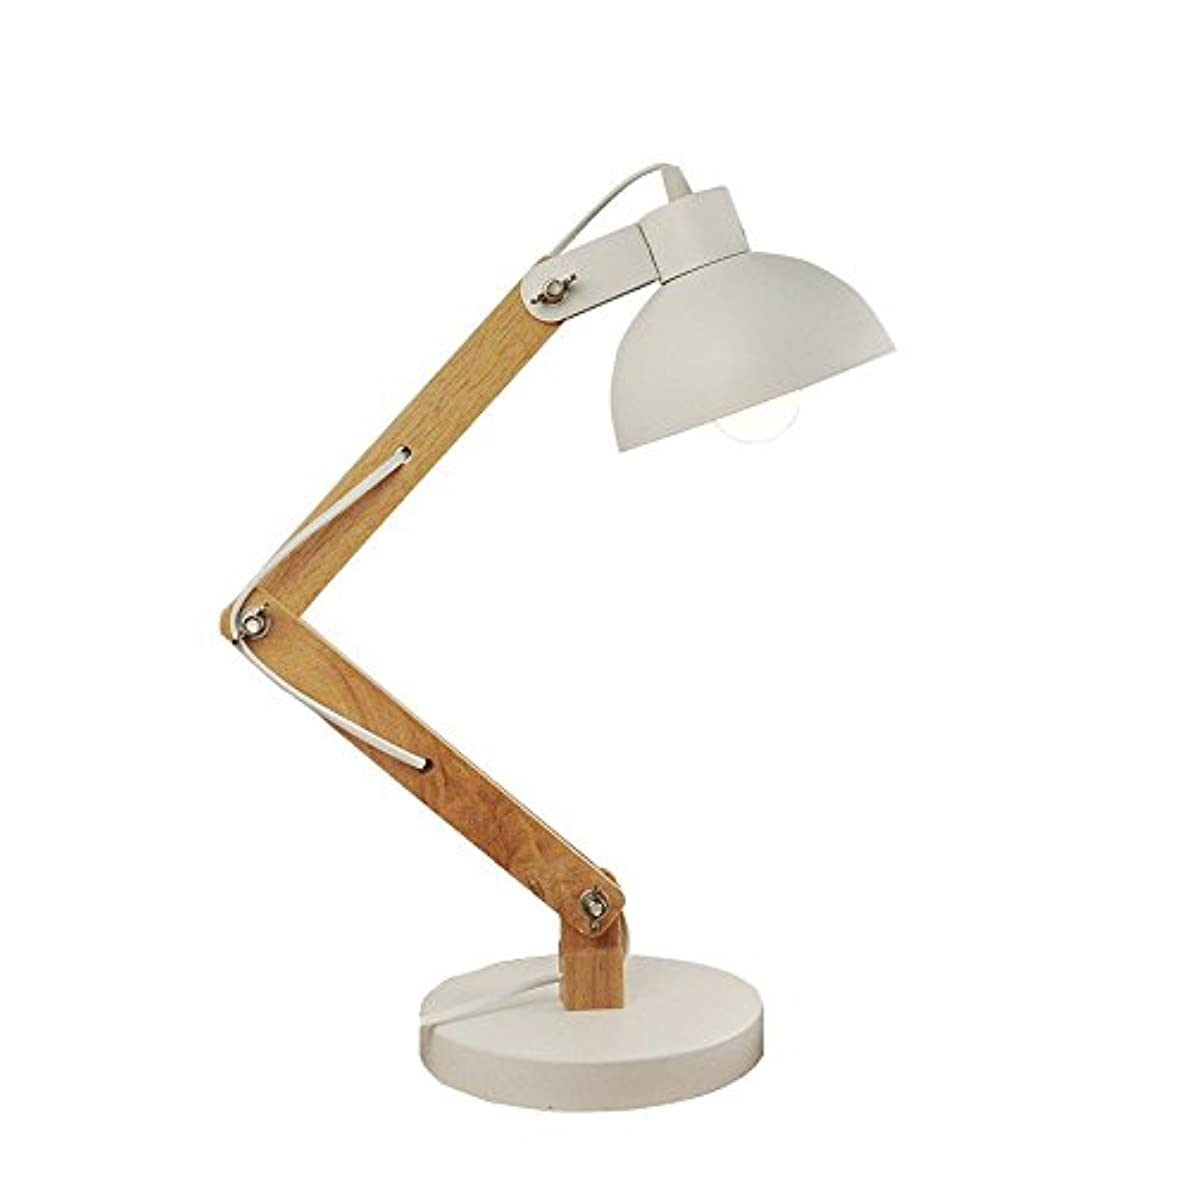 その他どこにでもできた北欧木製テーブルランプ調節可能なLEDデスクランプブラック/ホワイトデスク読書ランプリビングルームスタディデスクデコレーションランプ (Color : White)